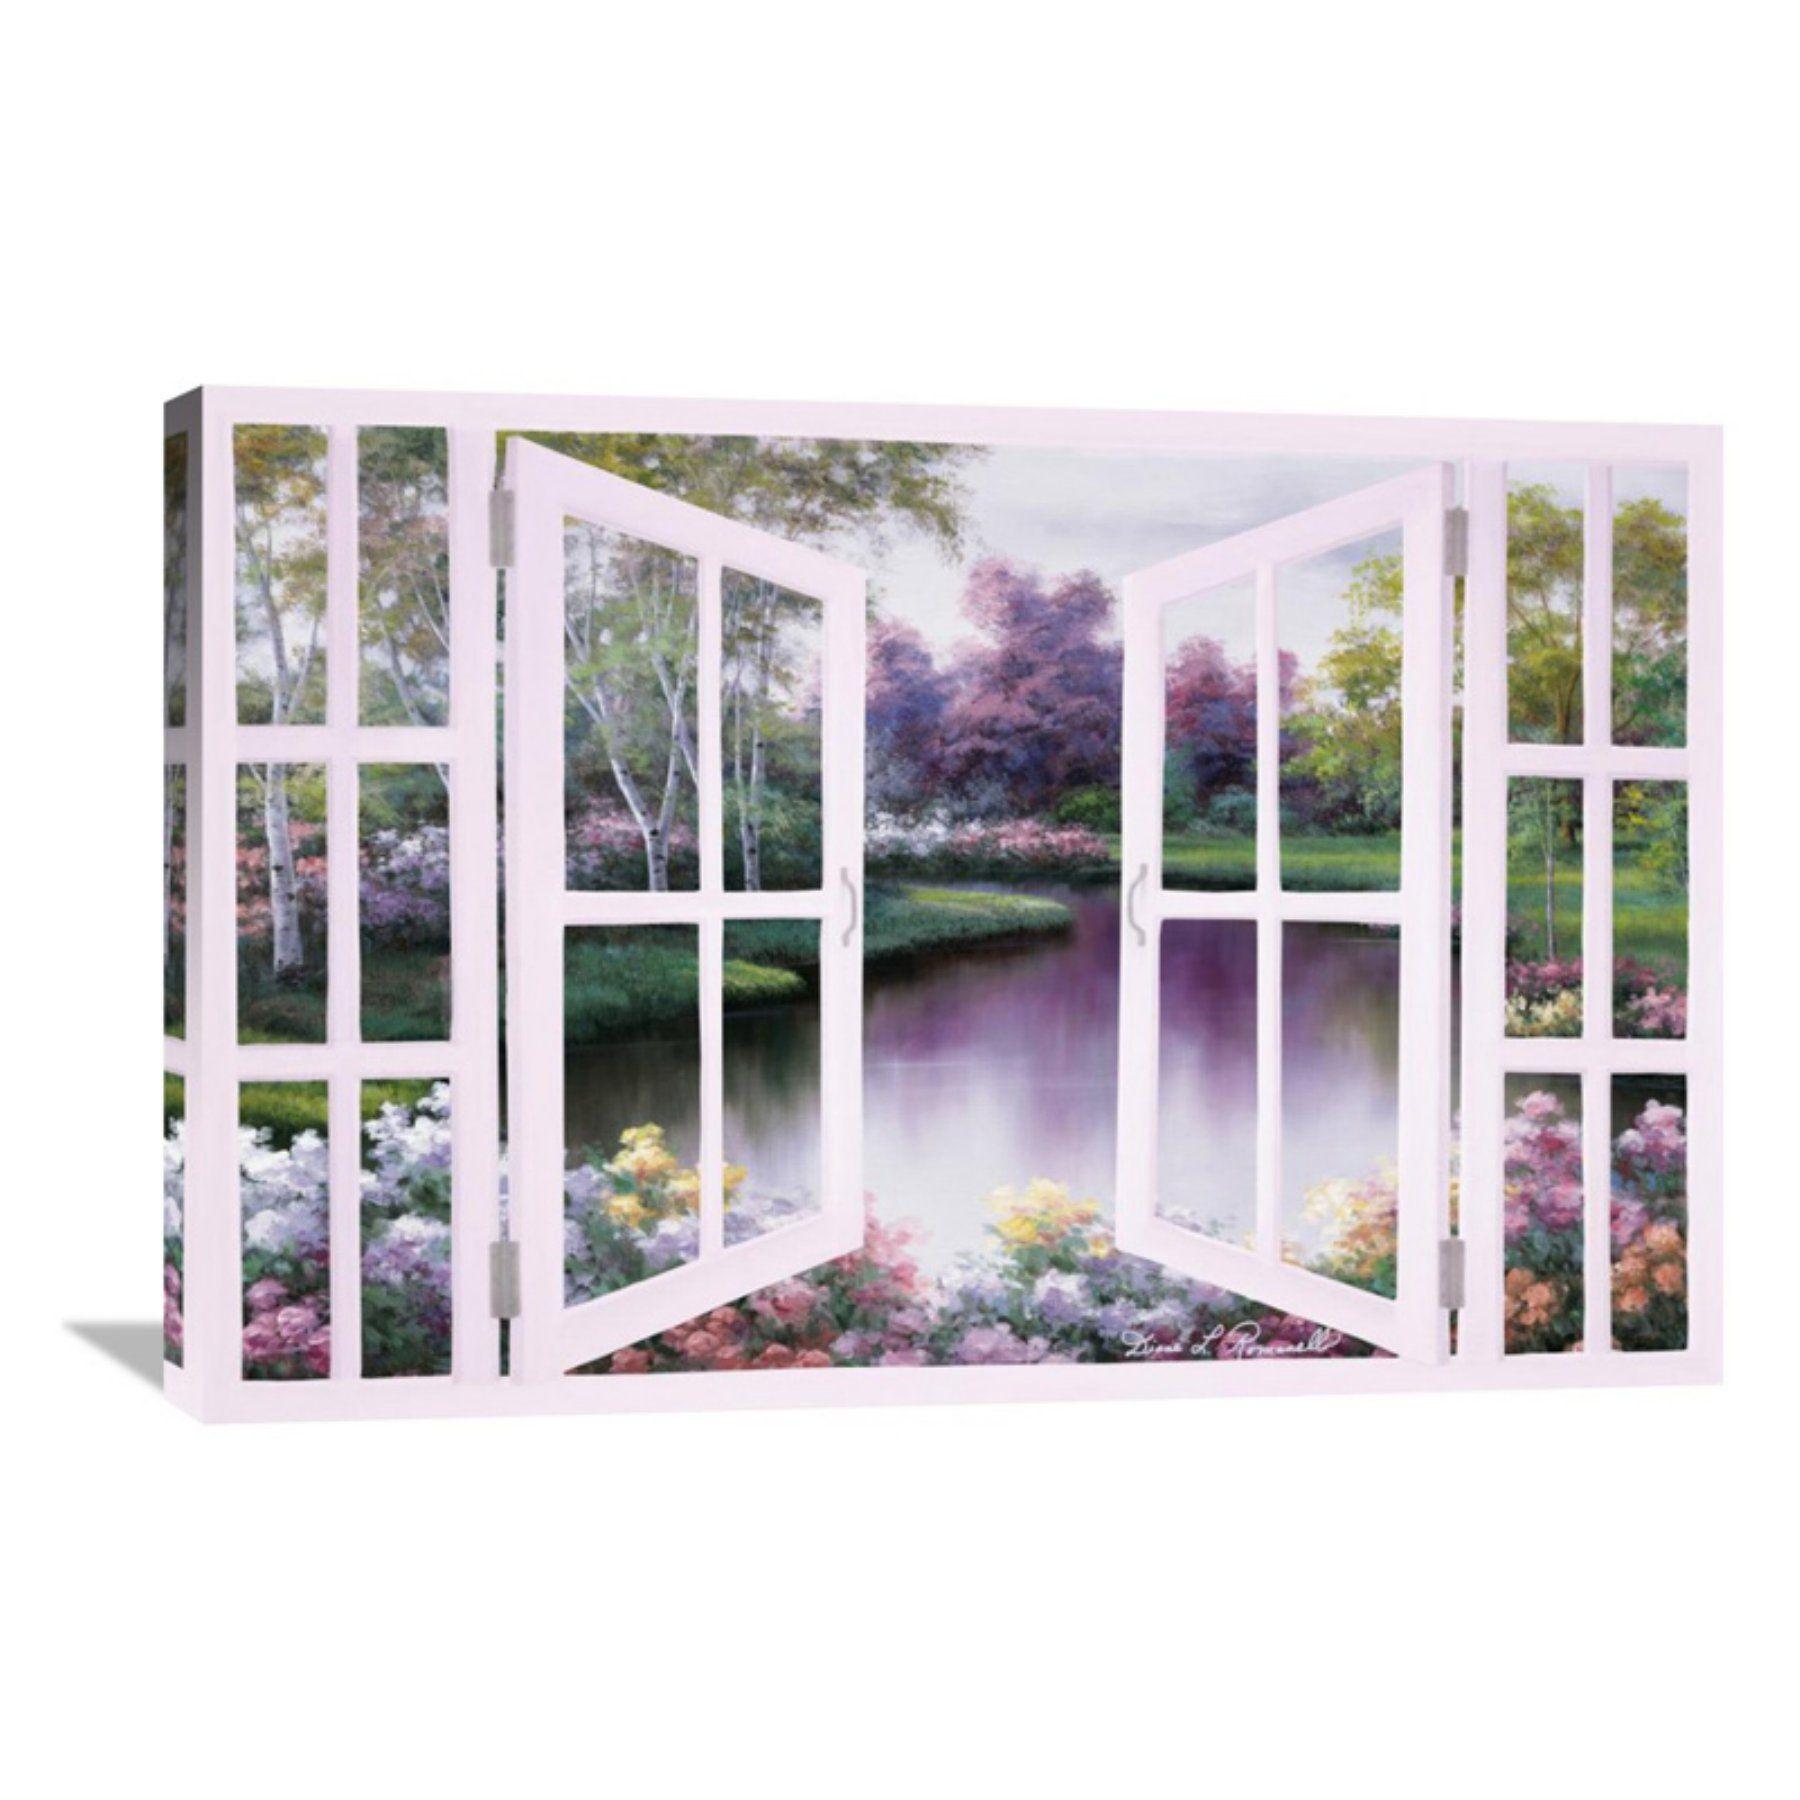 Global gallery springtime symphony through door wall art gcs